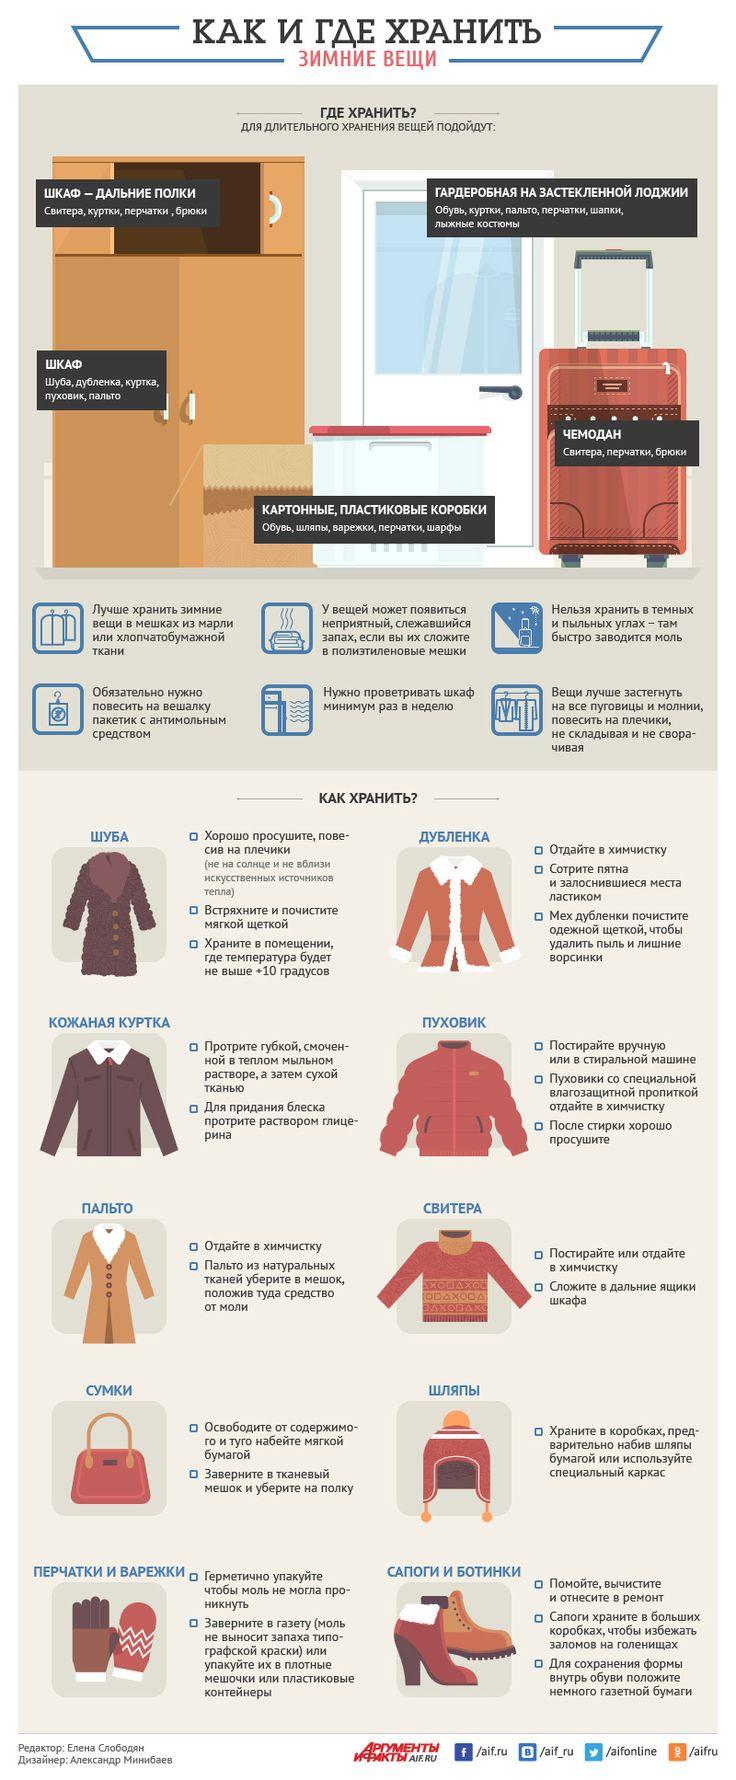 Где и как хранить зимние вещи? Инфографика | Инфографика | Аргументы и Факты